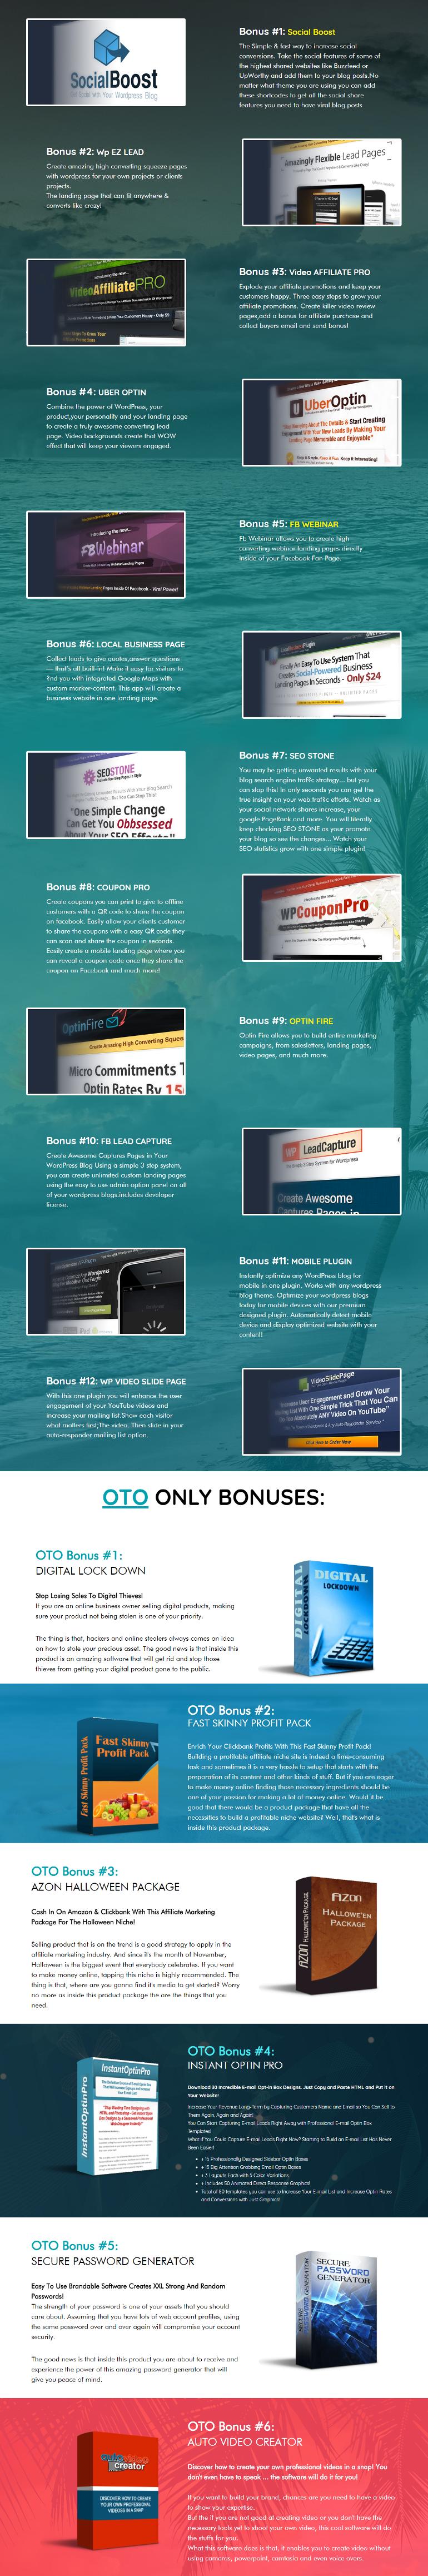 SyVid Bonuses